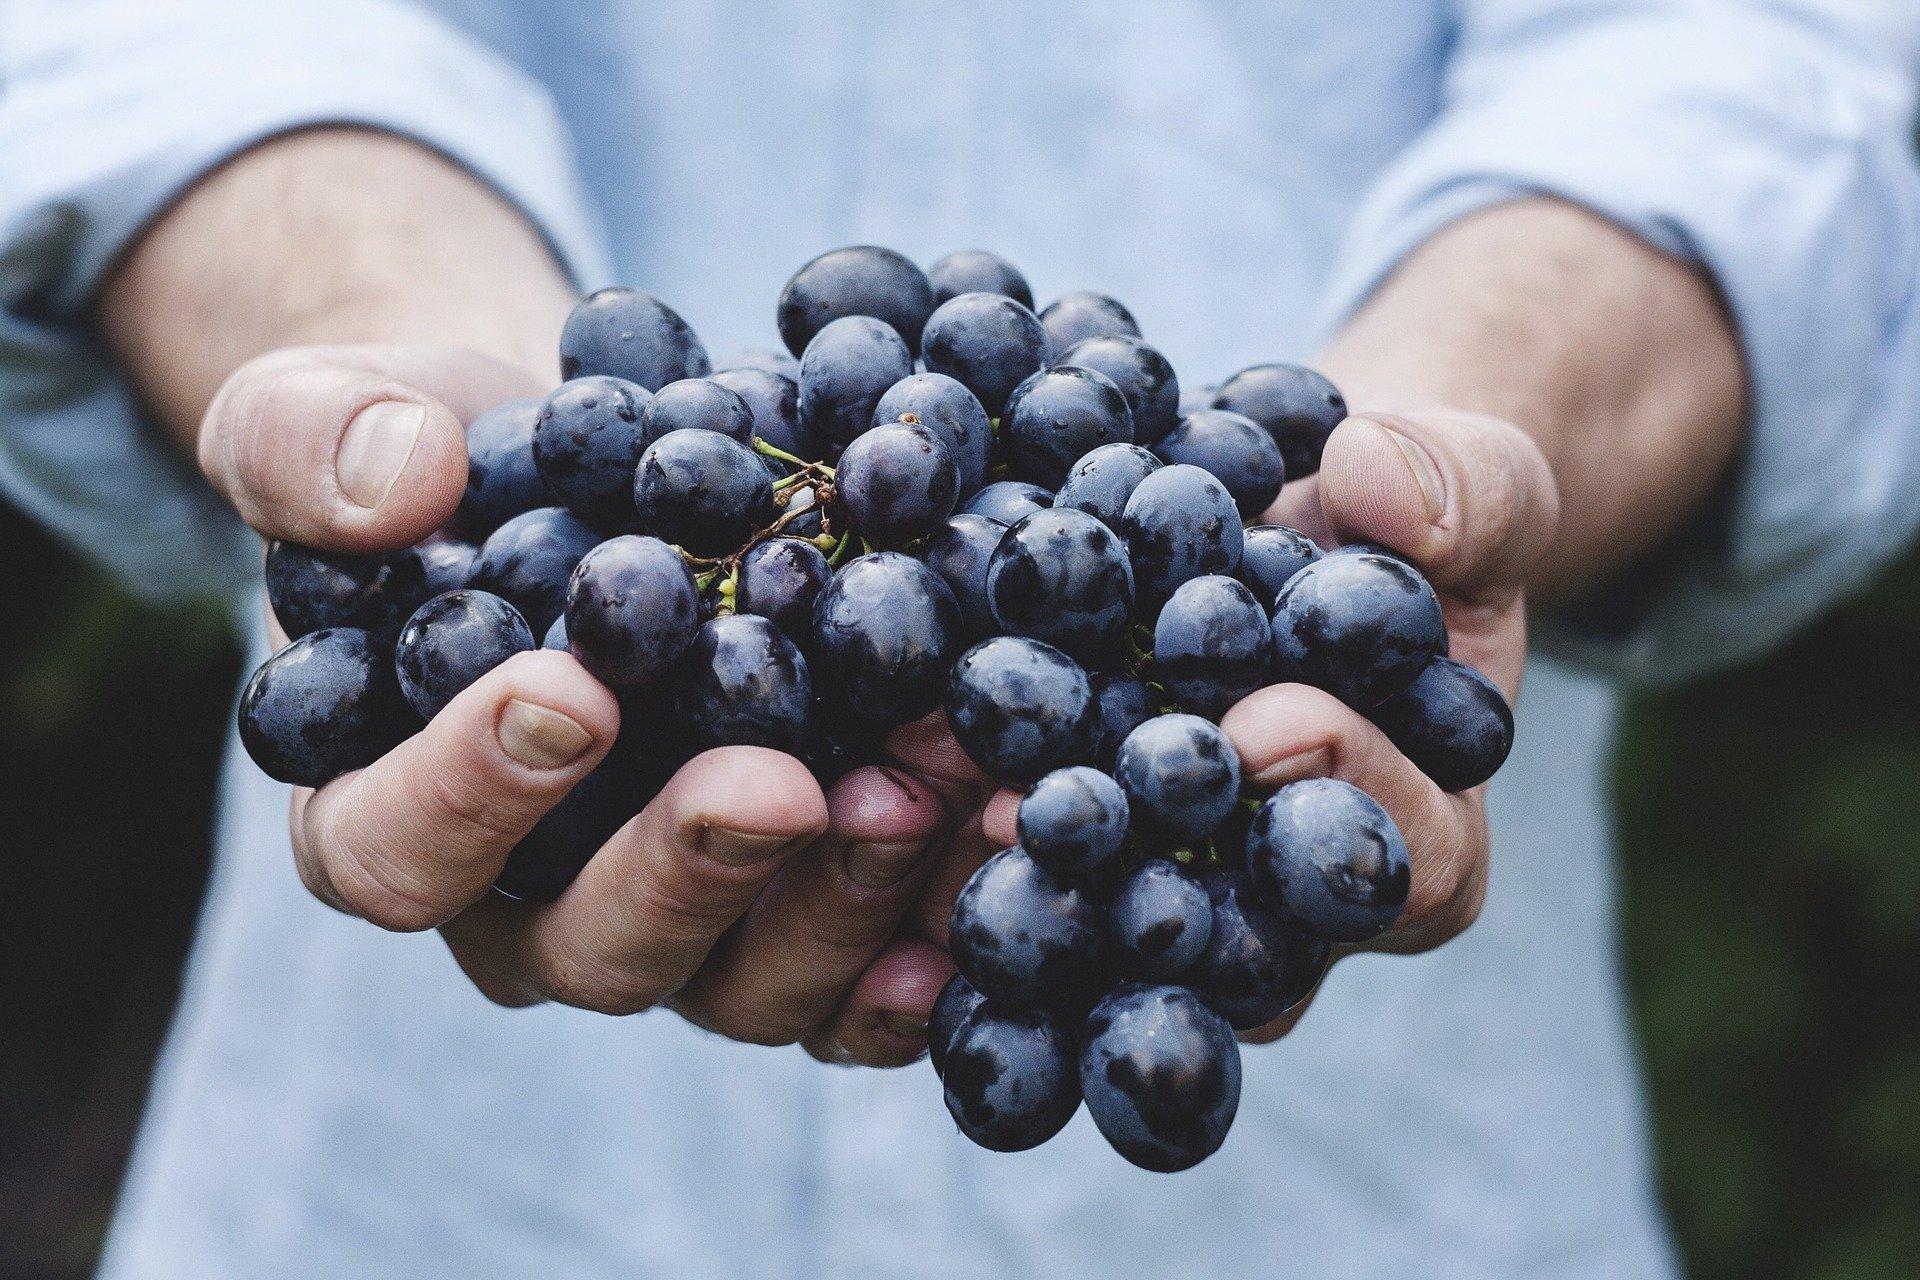 Como tirar mancha de fruta de estofados: 7 dicas fáceis e infalíveis